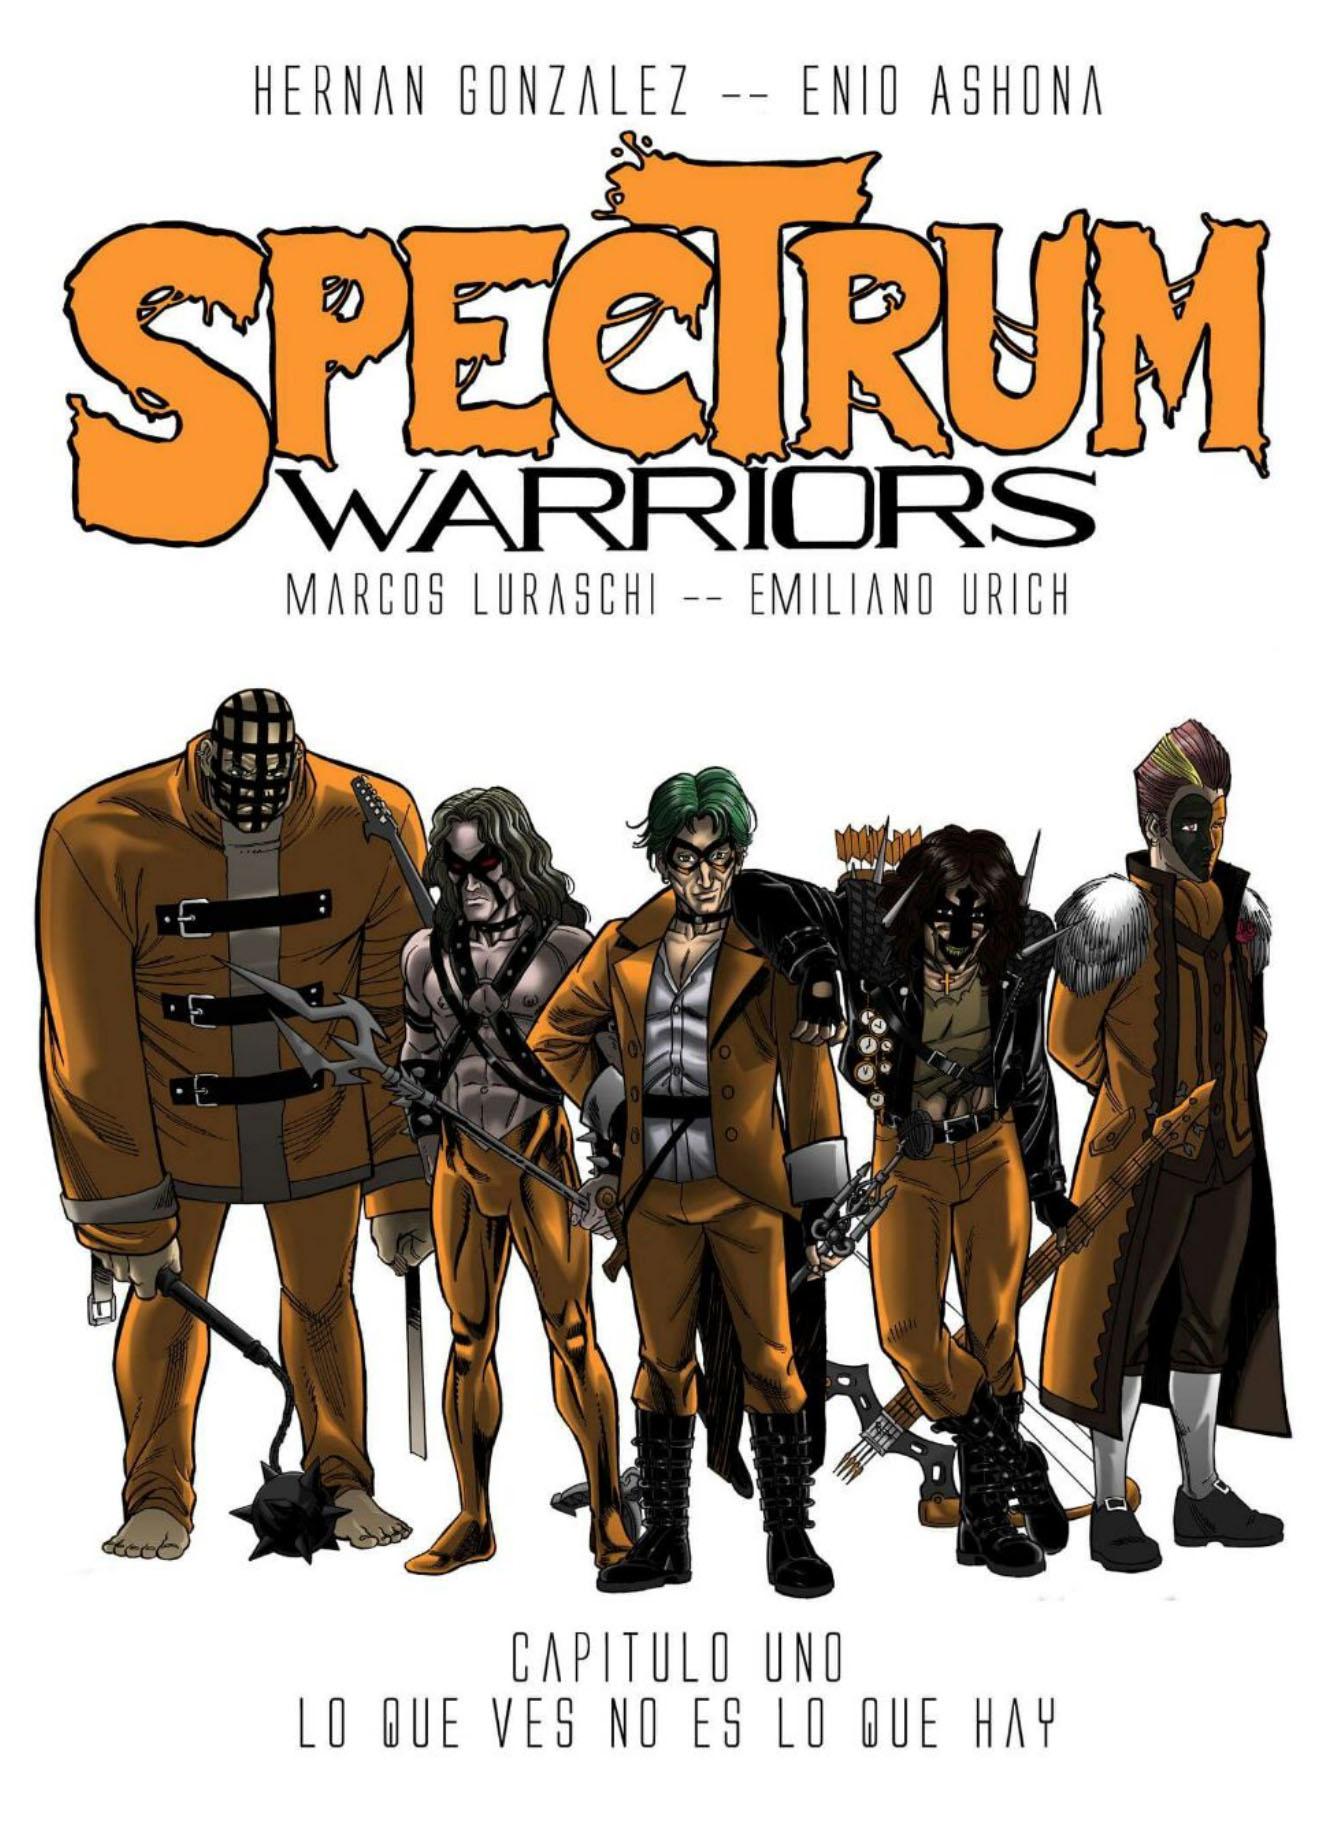 SpectrumWarriors-issue-01-cover